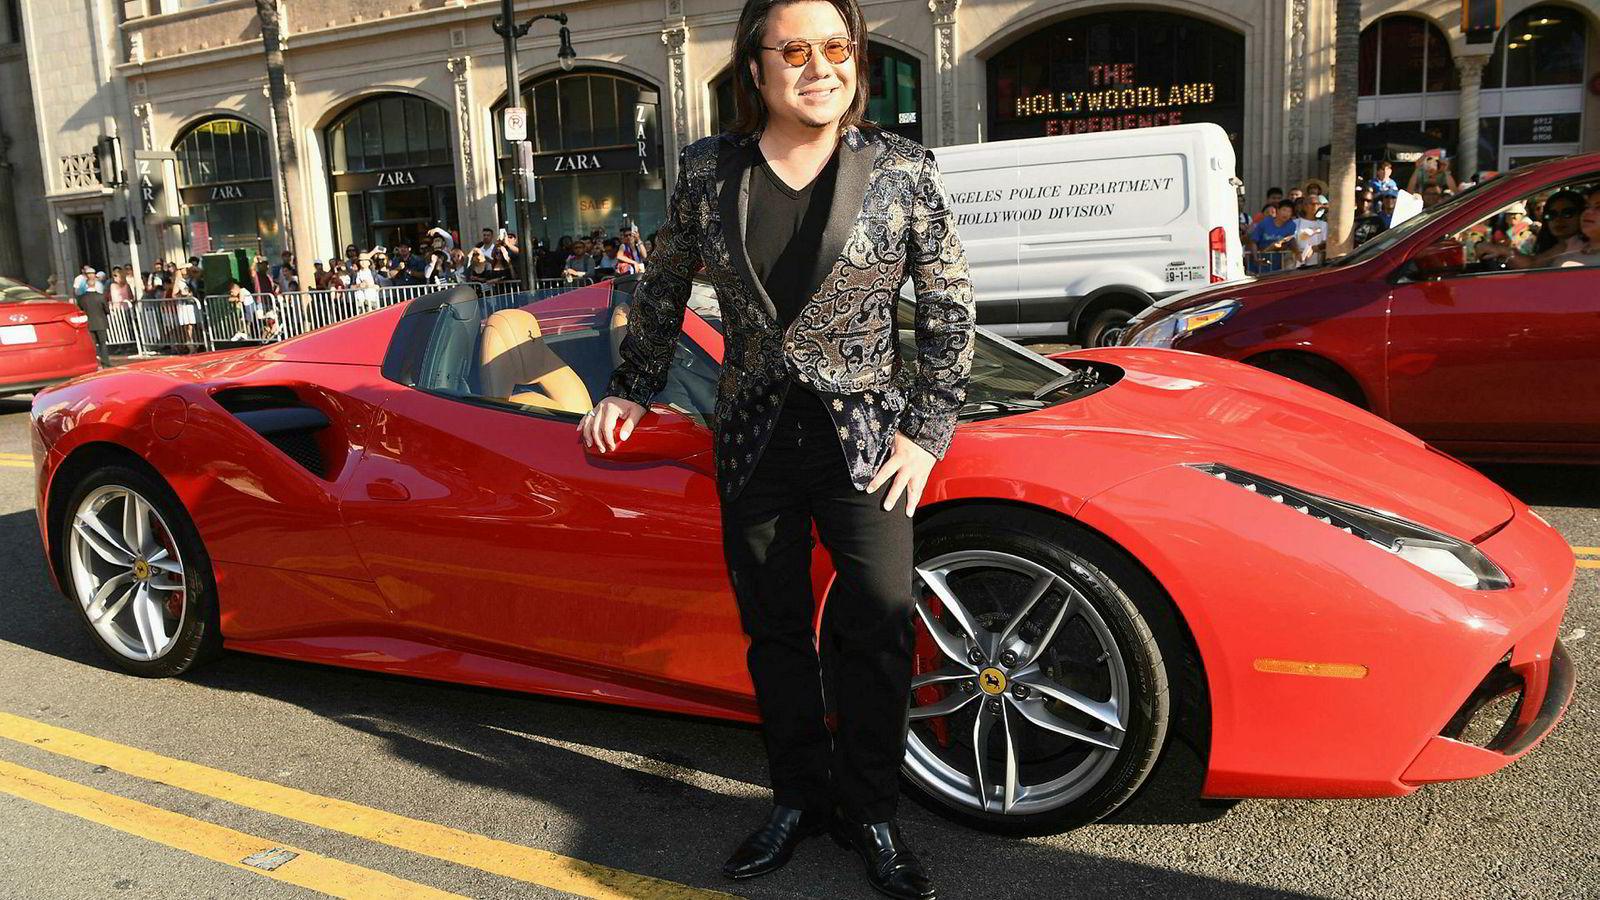 Det er store forventninger til filmen «Crazy Rich Asians», som hadde premiere i Asia og USA denne uken. Forfatter Kevin Kwan ønsket at filmen skulle vises på kino og sa nei til «crazy penger» fra Netflix. Her fra premieren i Hollywood.